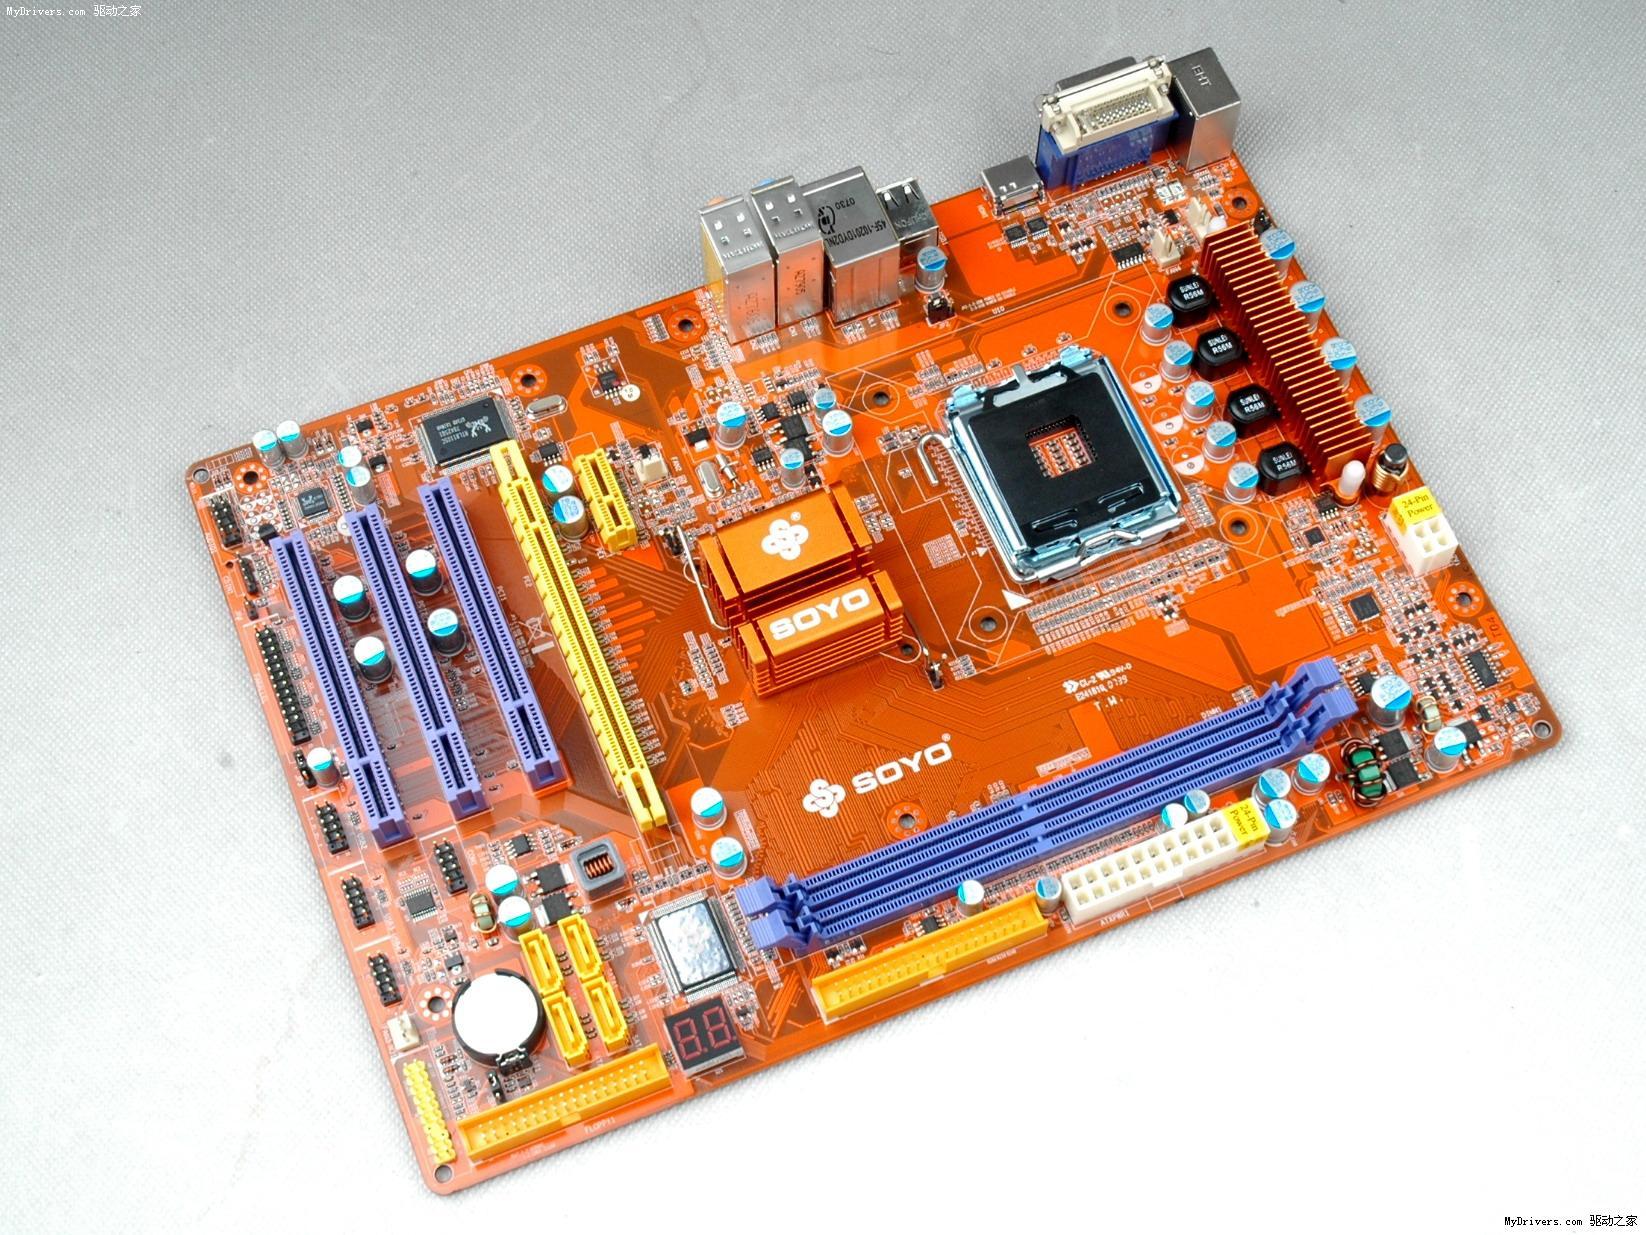 [主板赏析之一]  这款基于MCP3PV芯片组设计的梅捷SY-7100+,采用大板ATX设计。处理器方面支持1333MHz前端总线,支持Intel LGA775接口的Core 2 Quad / Core 2 Duo / Pentium E / Pentium D / Pentium 4 / Celeron D / Celeron系列处理器。  主板板载2条240pin DDRII内存插槽,支持单通道DDR2 800MHz内存。  这款主板的最大特色就是其四相供电设计,全固态电容以及全封闭电感的用料设计在主